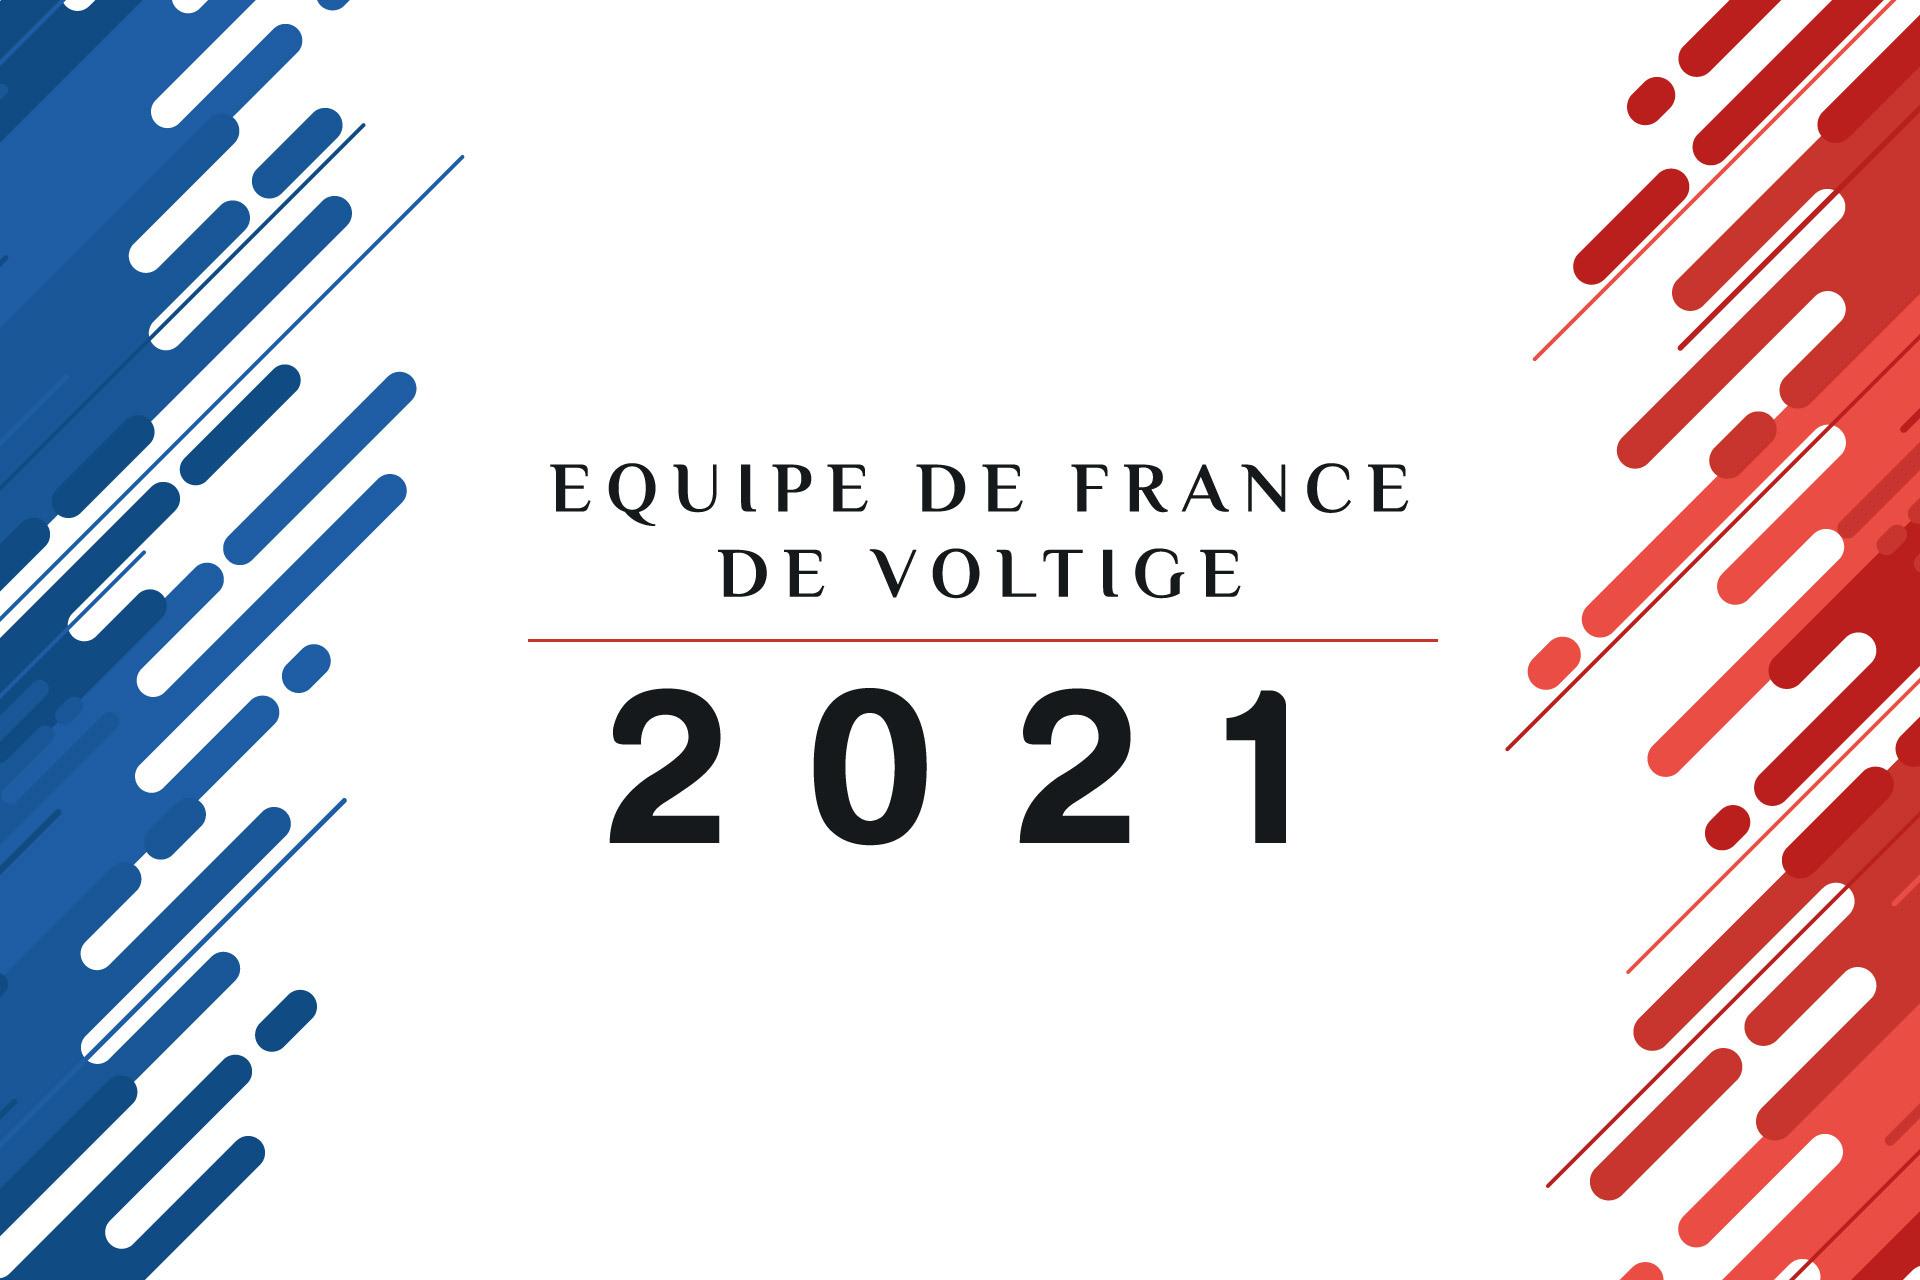 L'équipe de France de Voltige